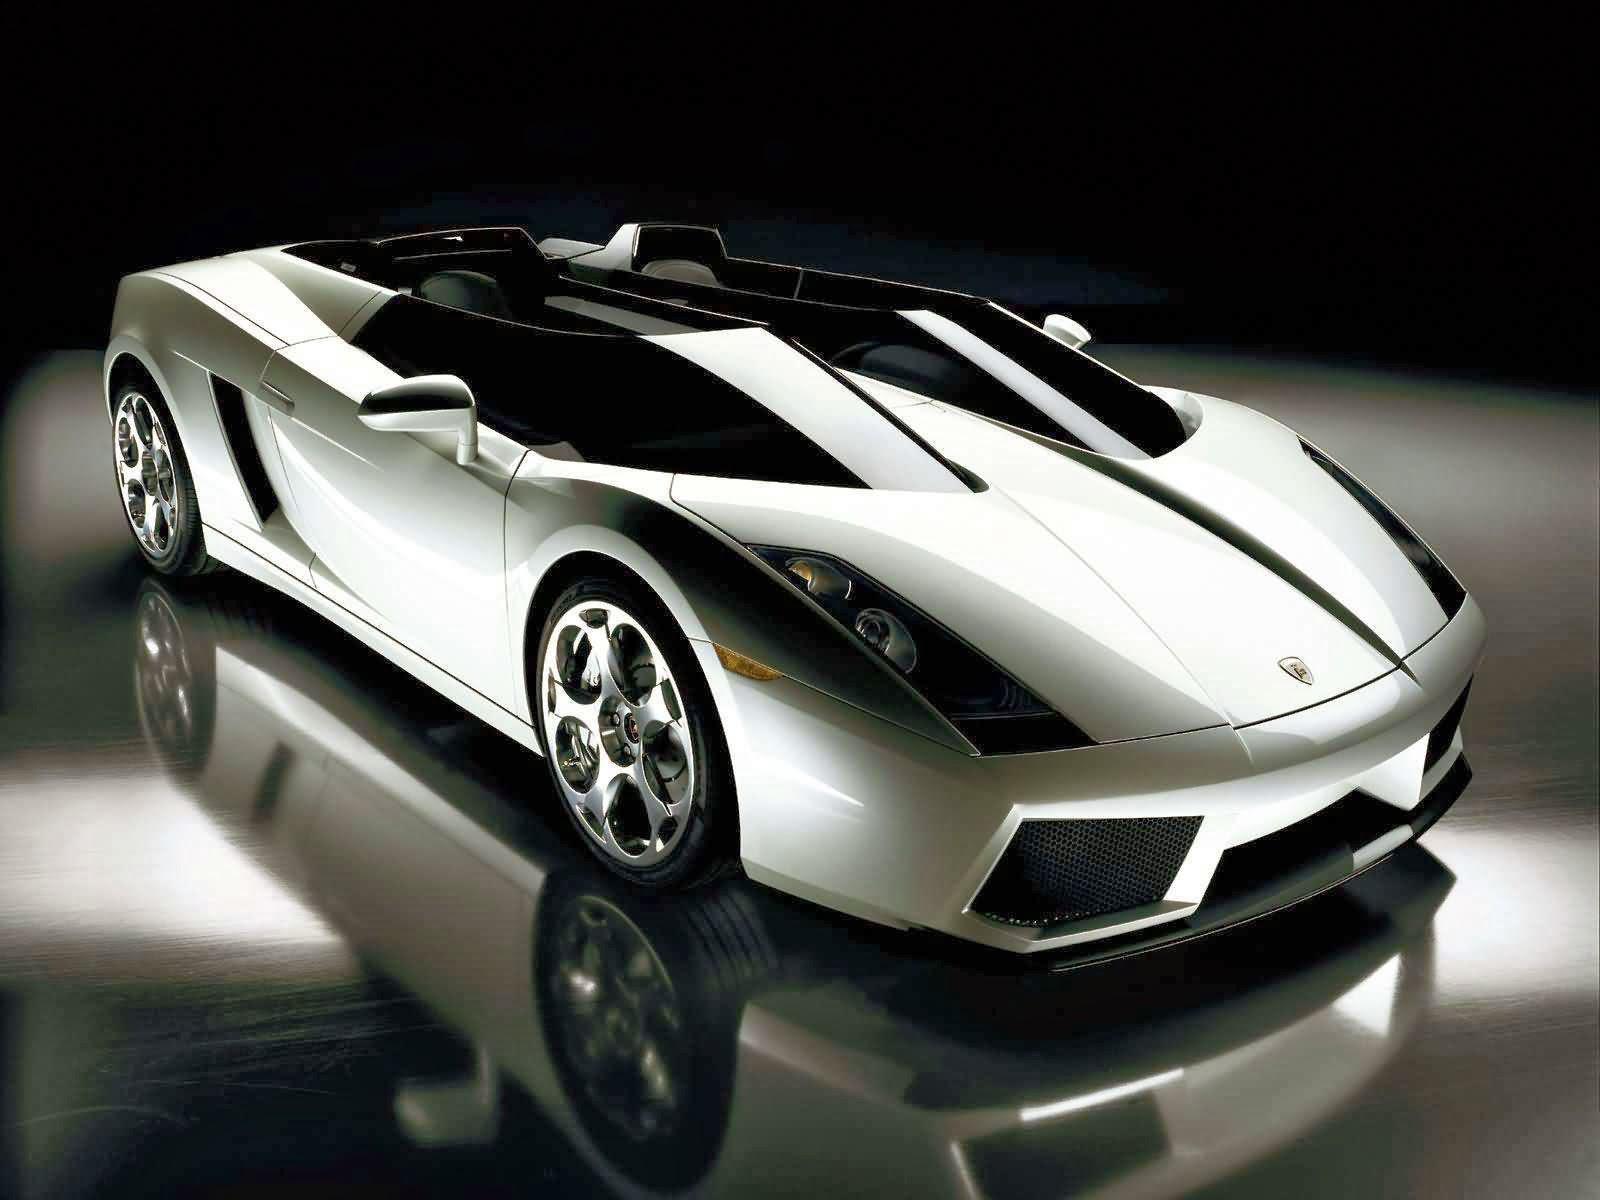 Koleksi Wallpaper Mobil Lamborghini Pernik Wallpaper